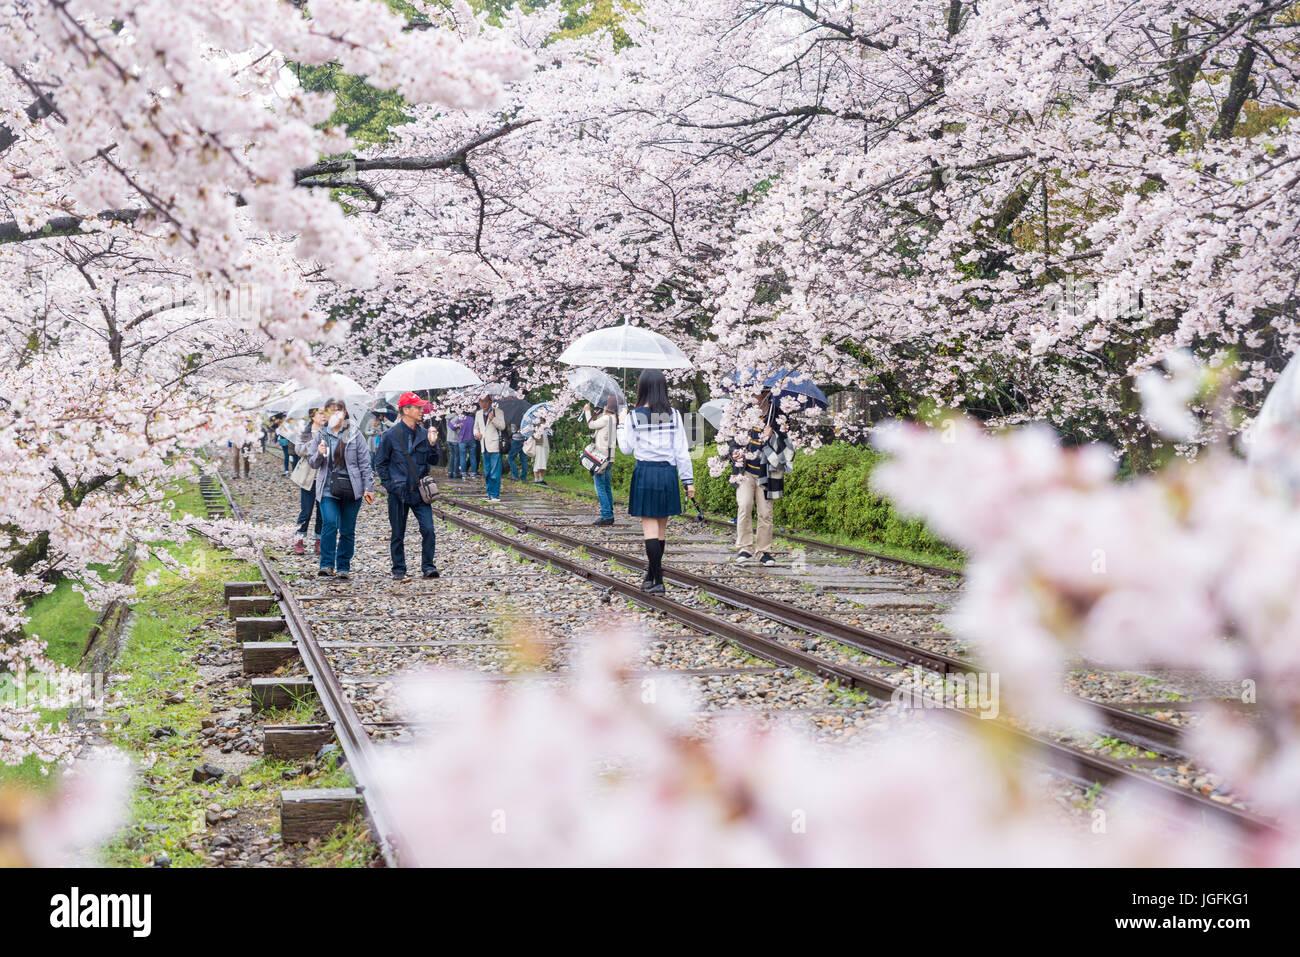 Kyoto, Giappone - Aprile 9, 2017: le persone godono di stagione primavera a Keage pendenza con sakura (fiori di ciliegio), Kyoto. Foto Stock